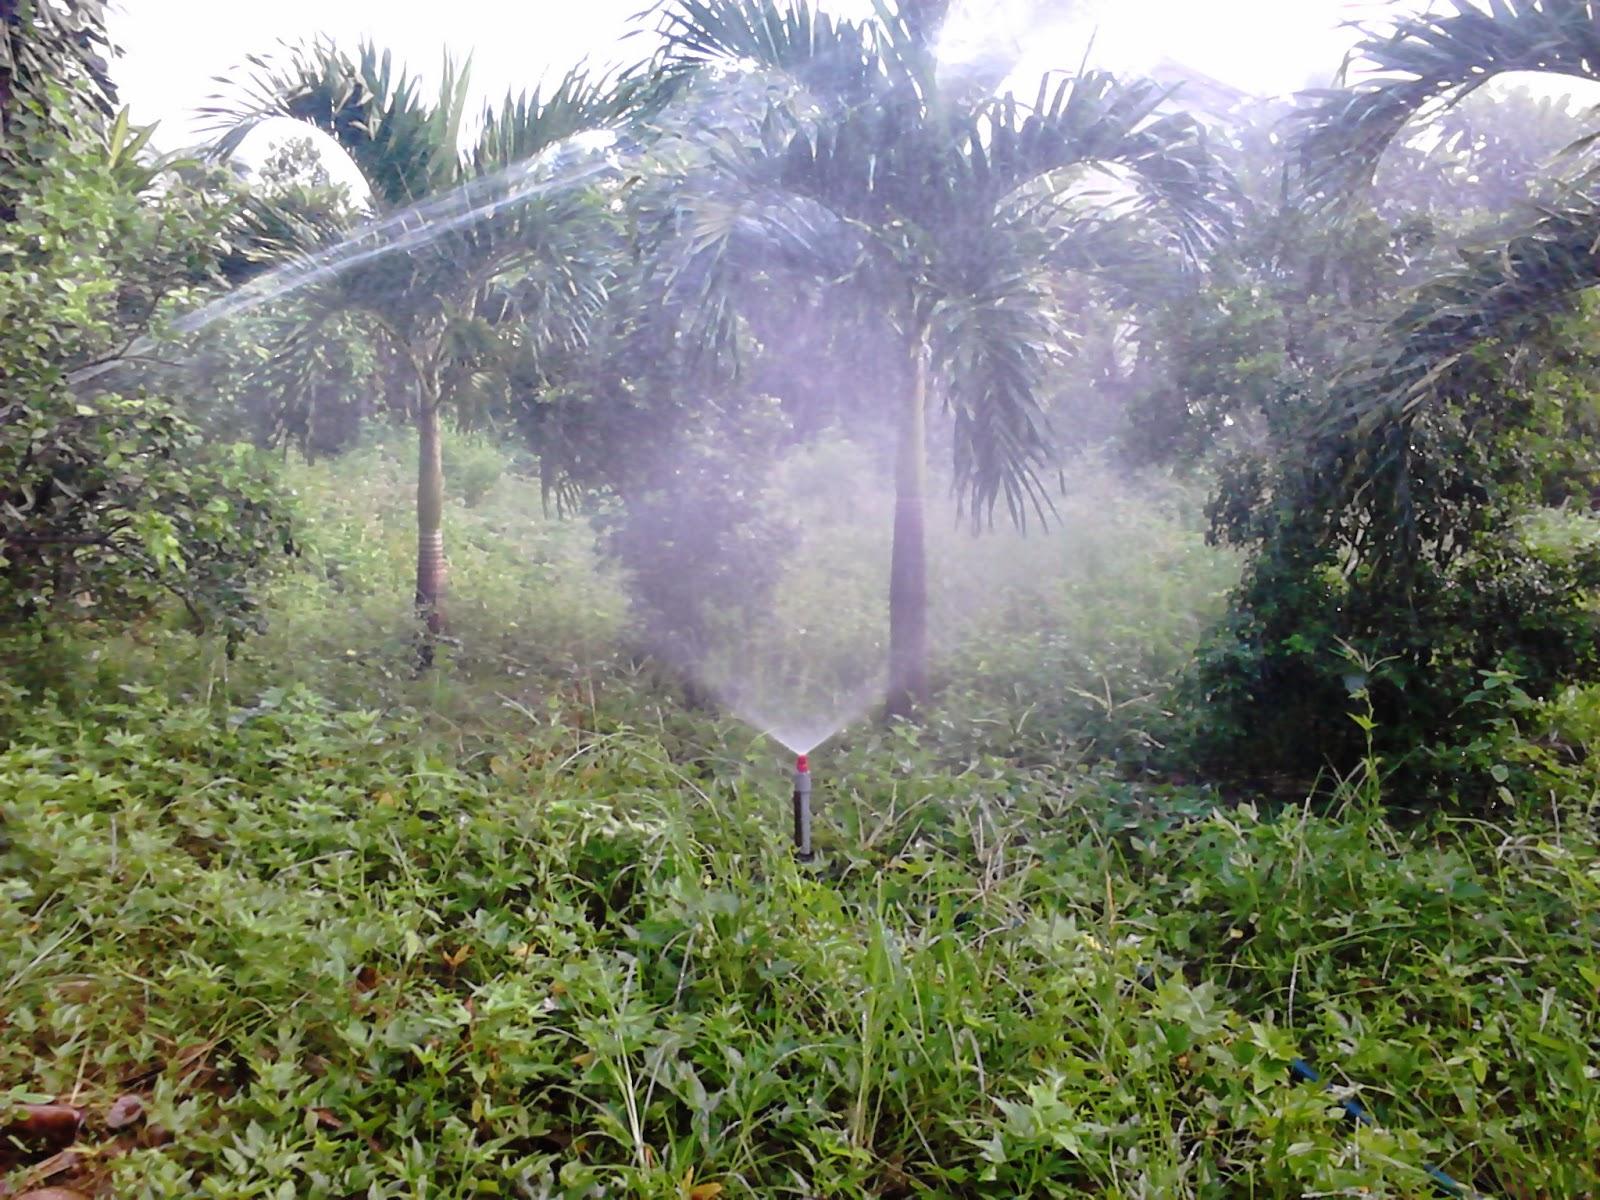 béc tưới cây tự chế của người Việt